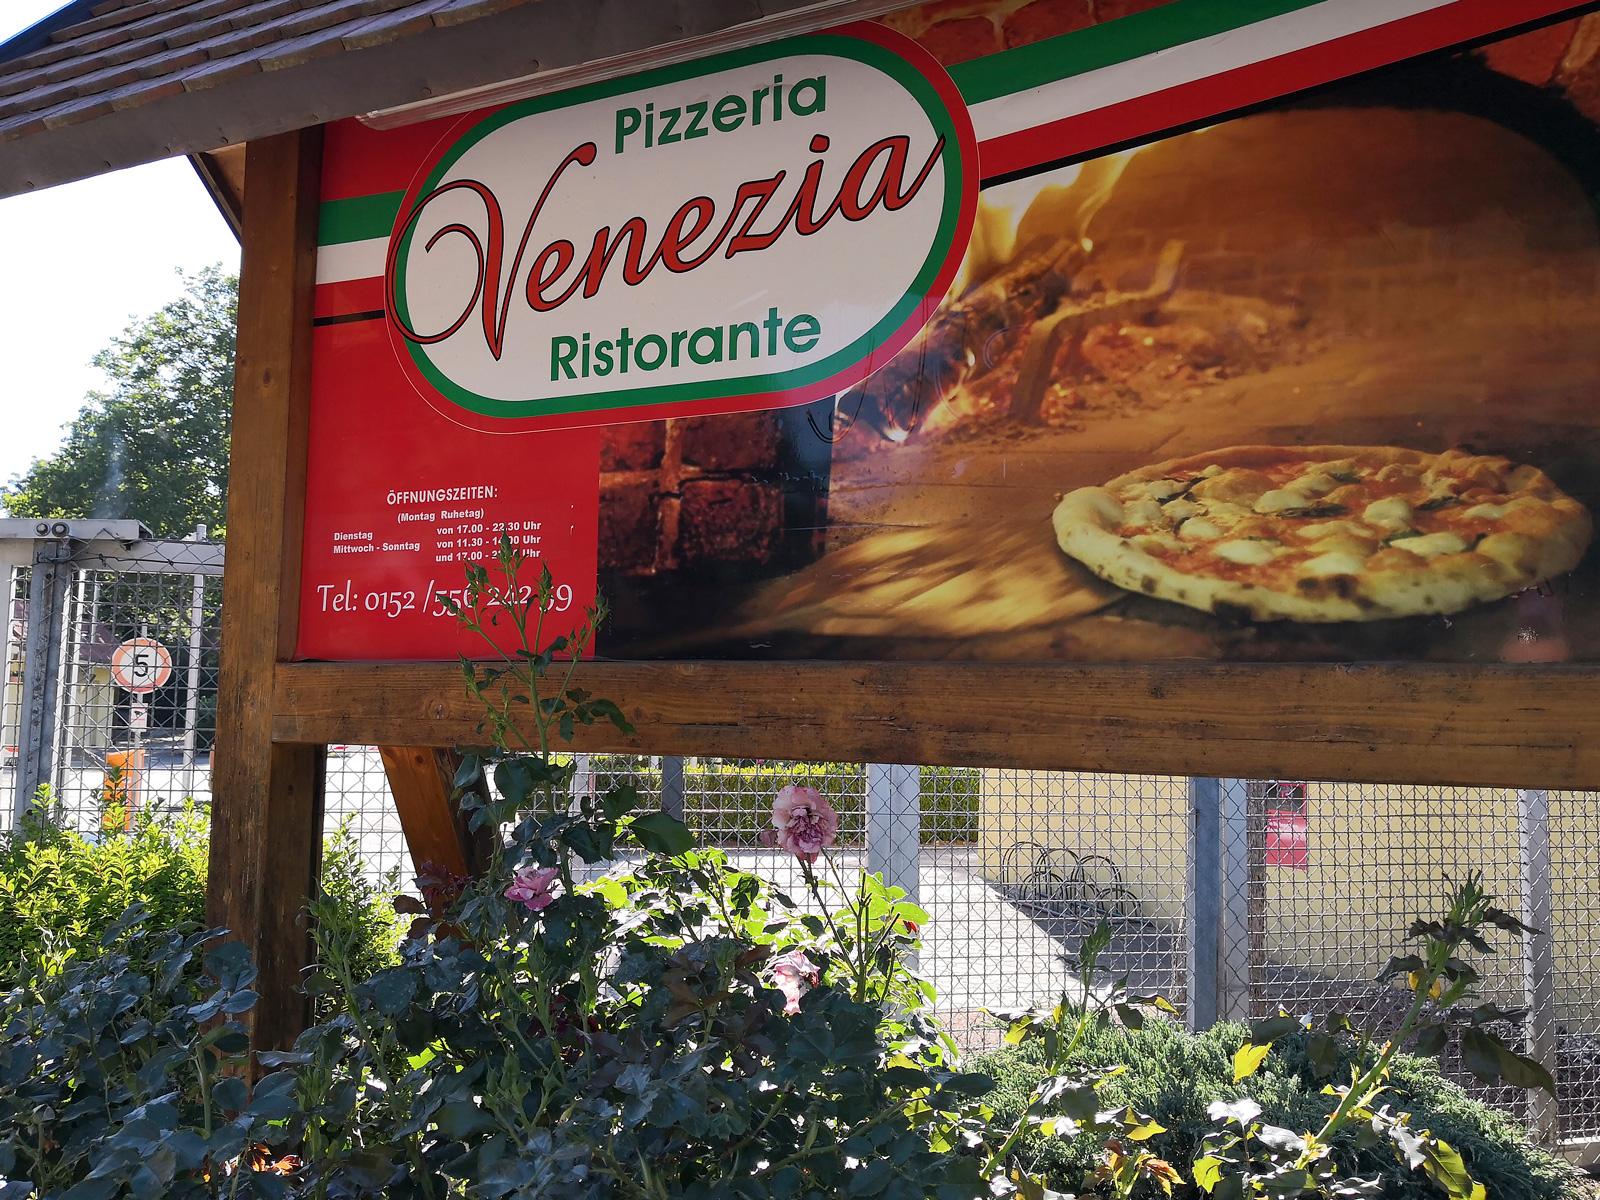 Campingens egen pizzeria har en trevlig uteservering med damm och trädgård. Pizzor från 6,50 euro är inte fy skam.